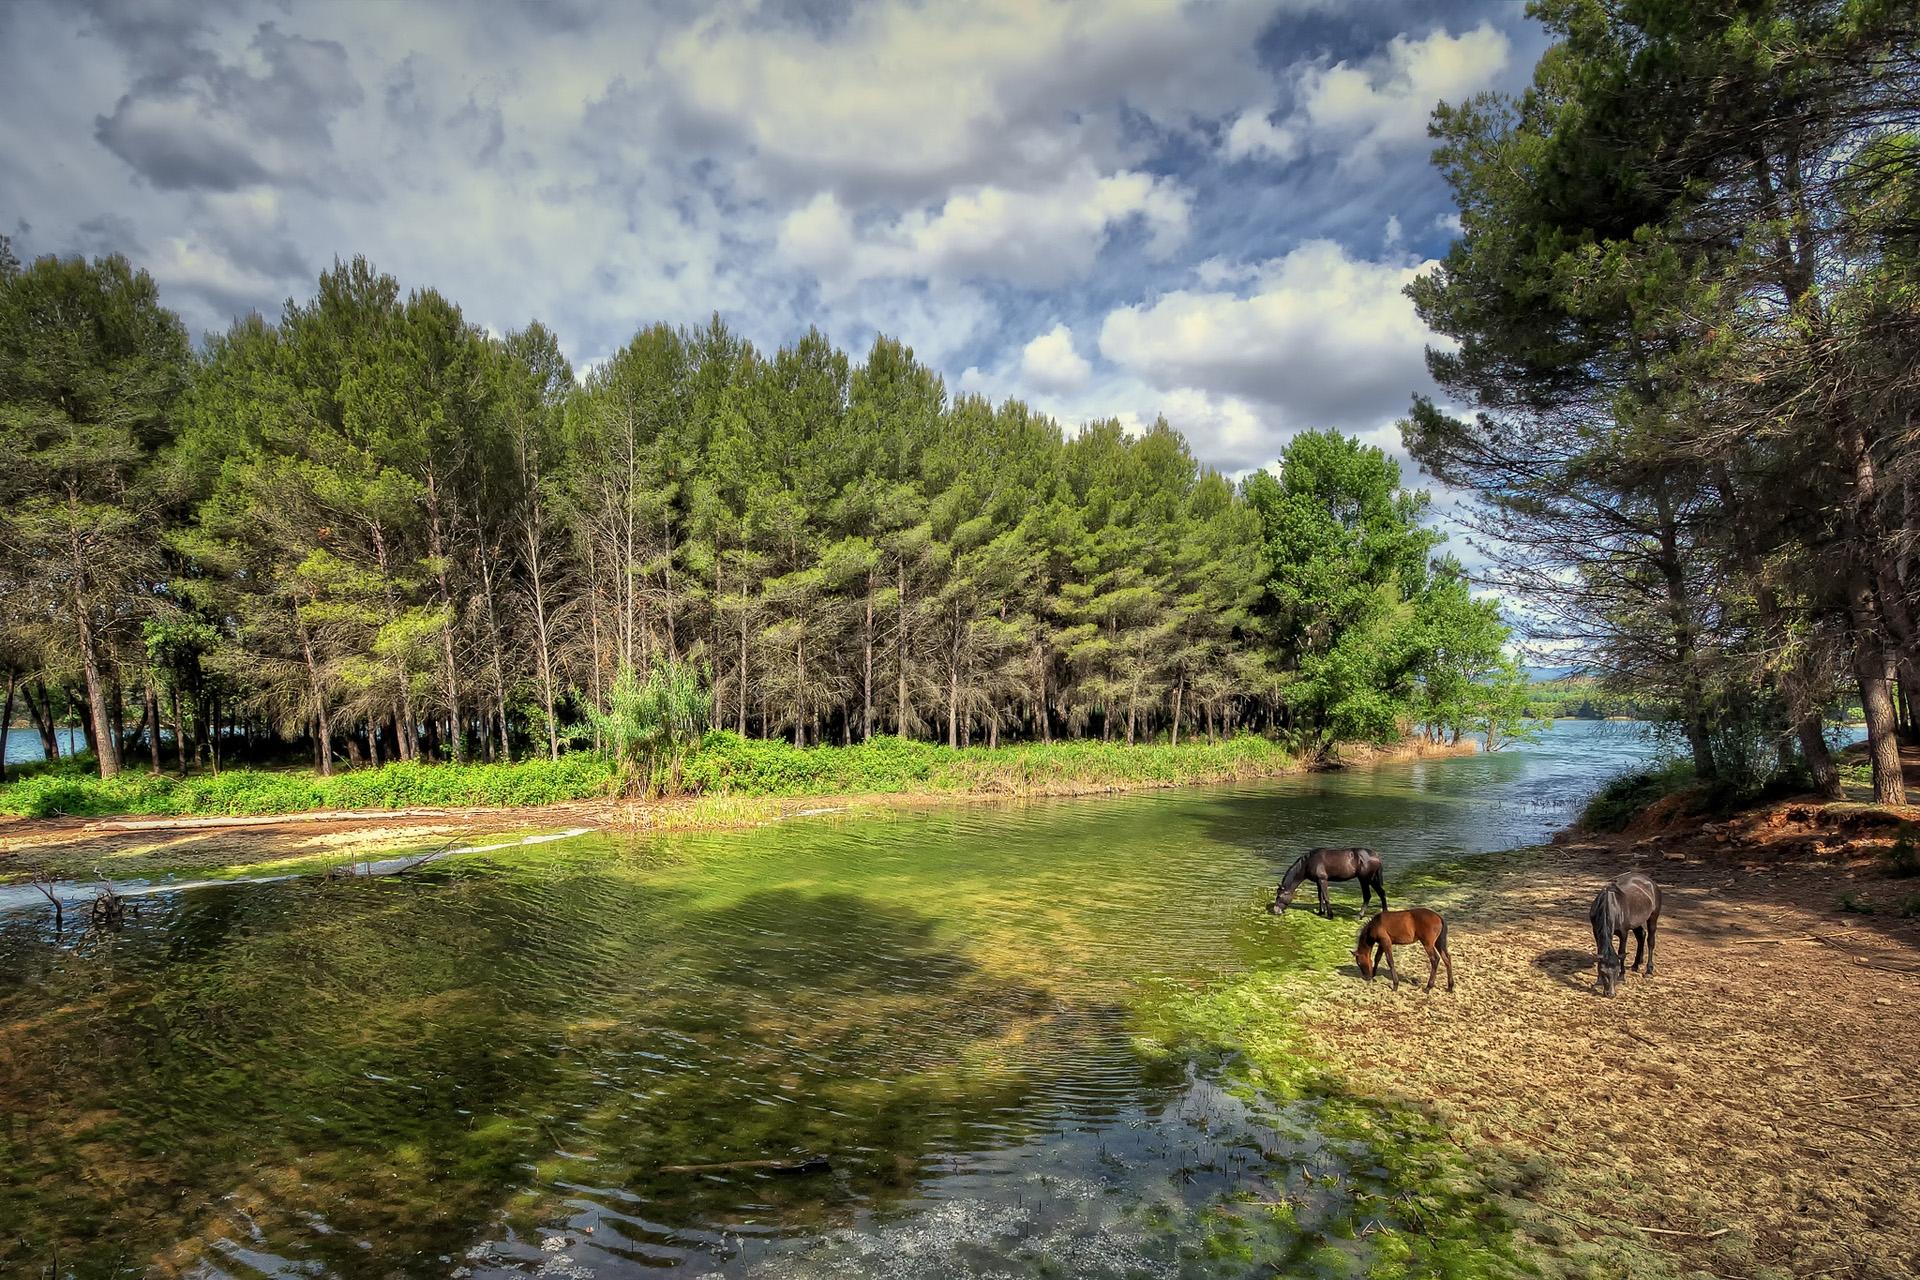 120231 Protetores de tela e papéis de parede Cavalos em seu telefone. Baixe Cavalos, Natureza, Rios, Floresta, Valência, Valencia, Espanha, Castellon fotos gratuitamente